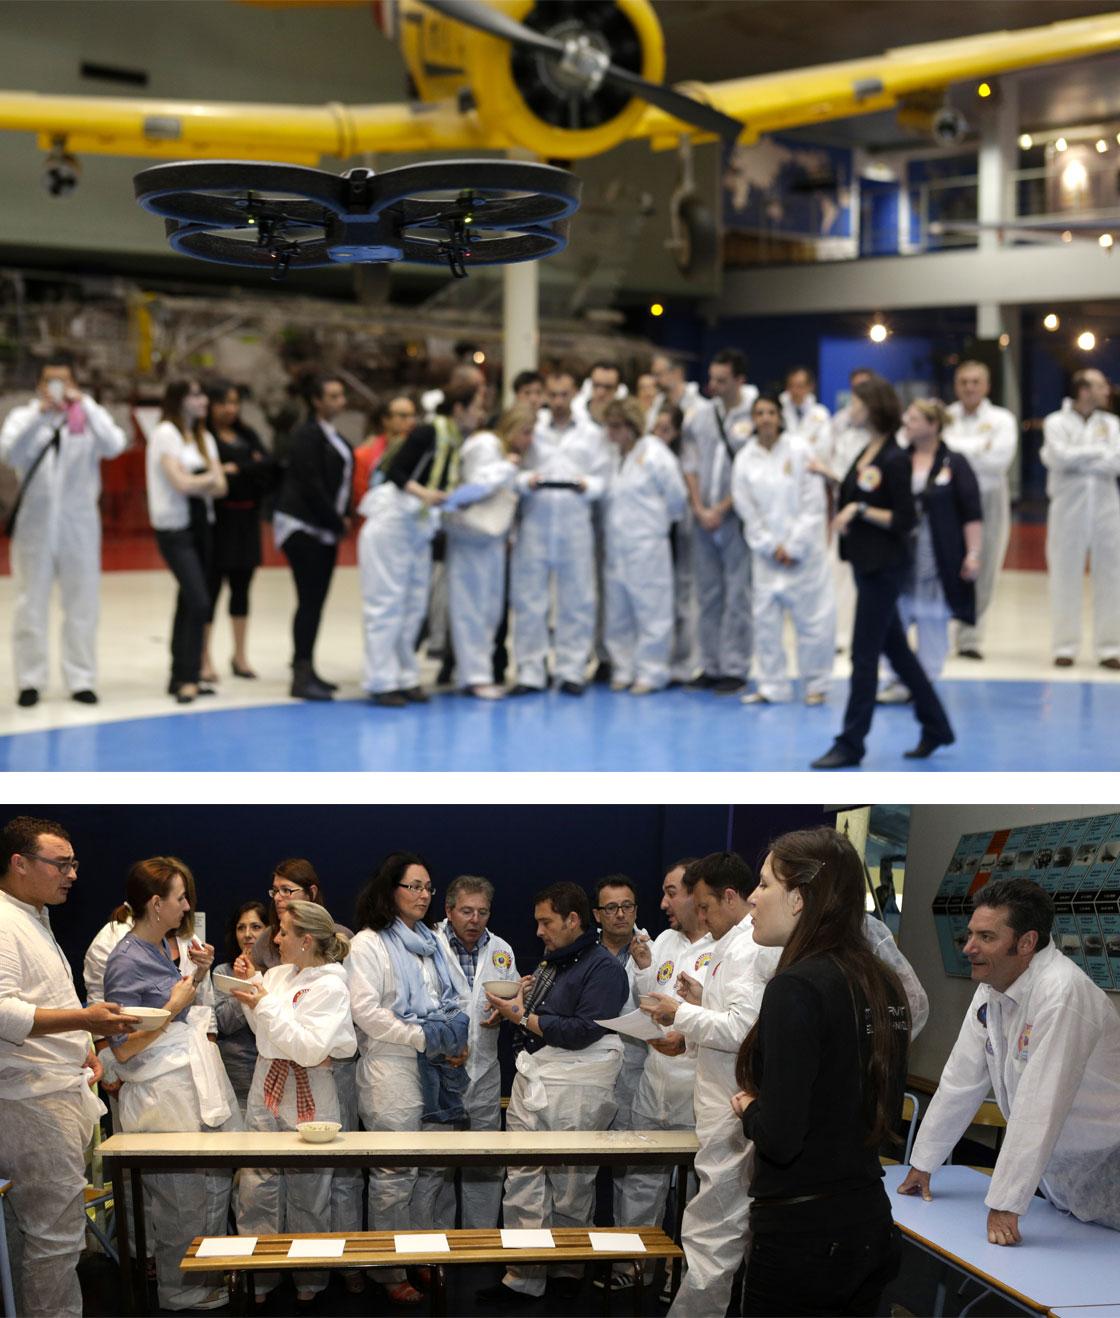 CONVENTION COMMERCIALE 2013 Epreuves du Team Building, dans le Musée : pilotage de drones et jeu sur la reconnaissance des saveurs des plats de l'espace